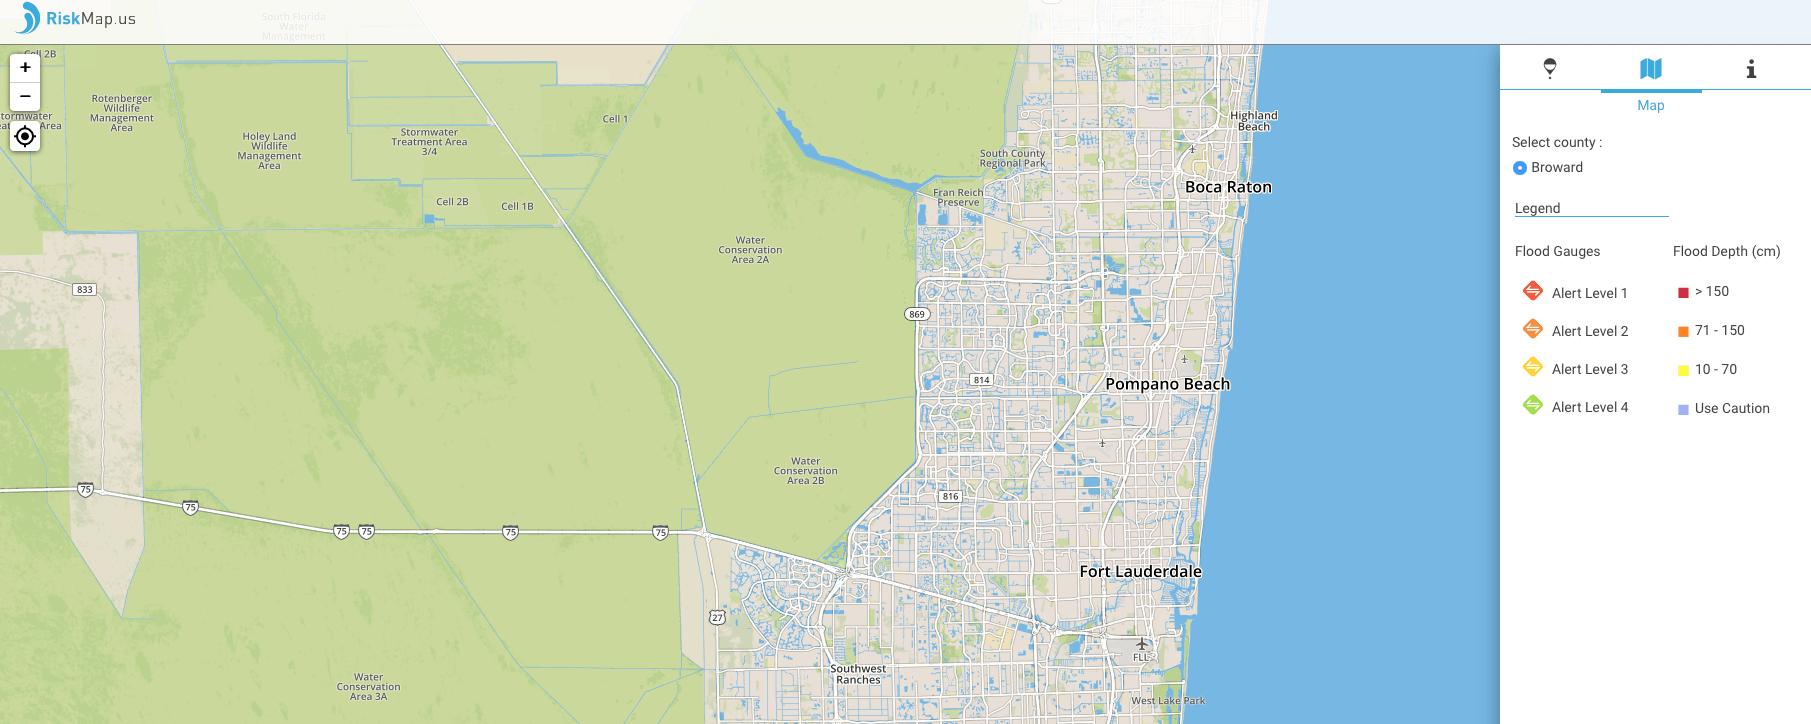 cette carte crowdsourc 233 e permet de suivre les inondations caus 233 es par irma en temps r 233 el